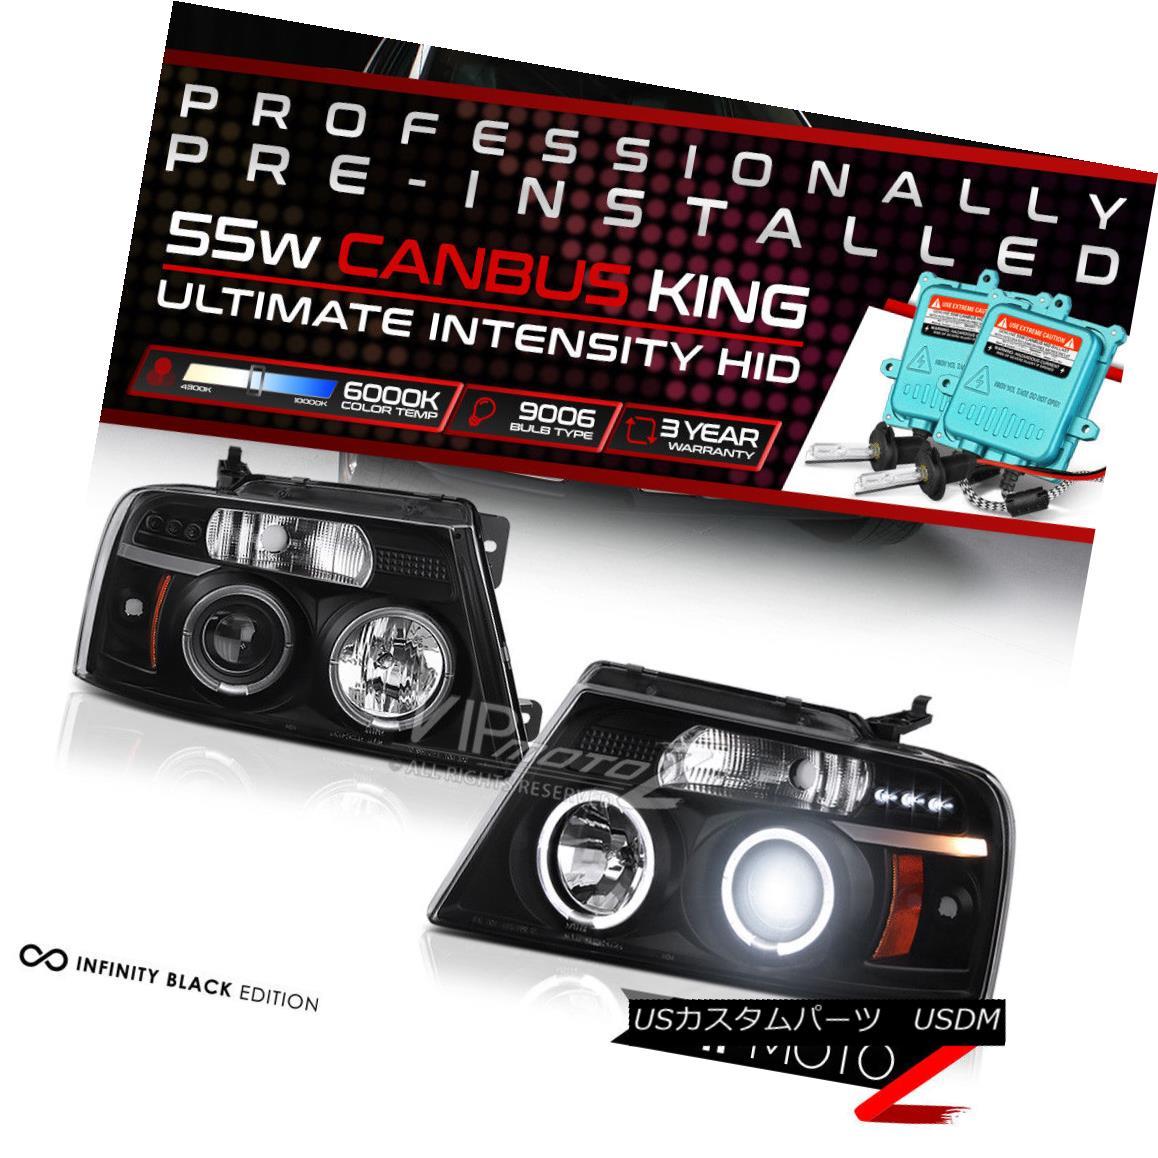 ヘッドライト [Pre-Installed HID Low Beam] 2004-2008 Ford F150 FX4 Black Projector Headlights [プリインストールされたHIDロービーム] 2004-2008 Ford F150 FX4ブラックプロジェクターヘッドライト